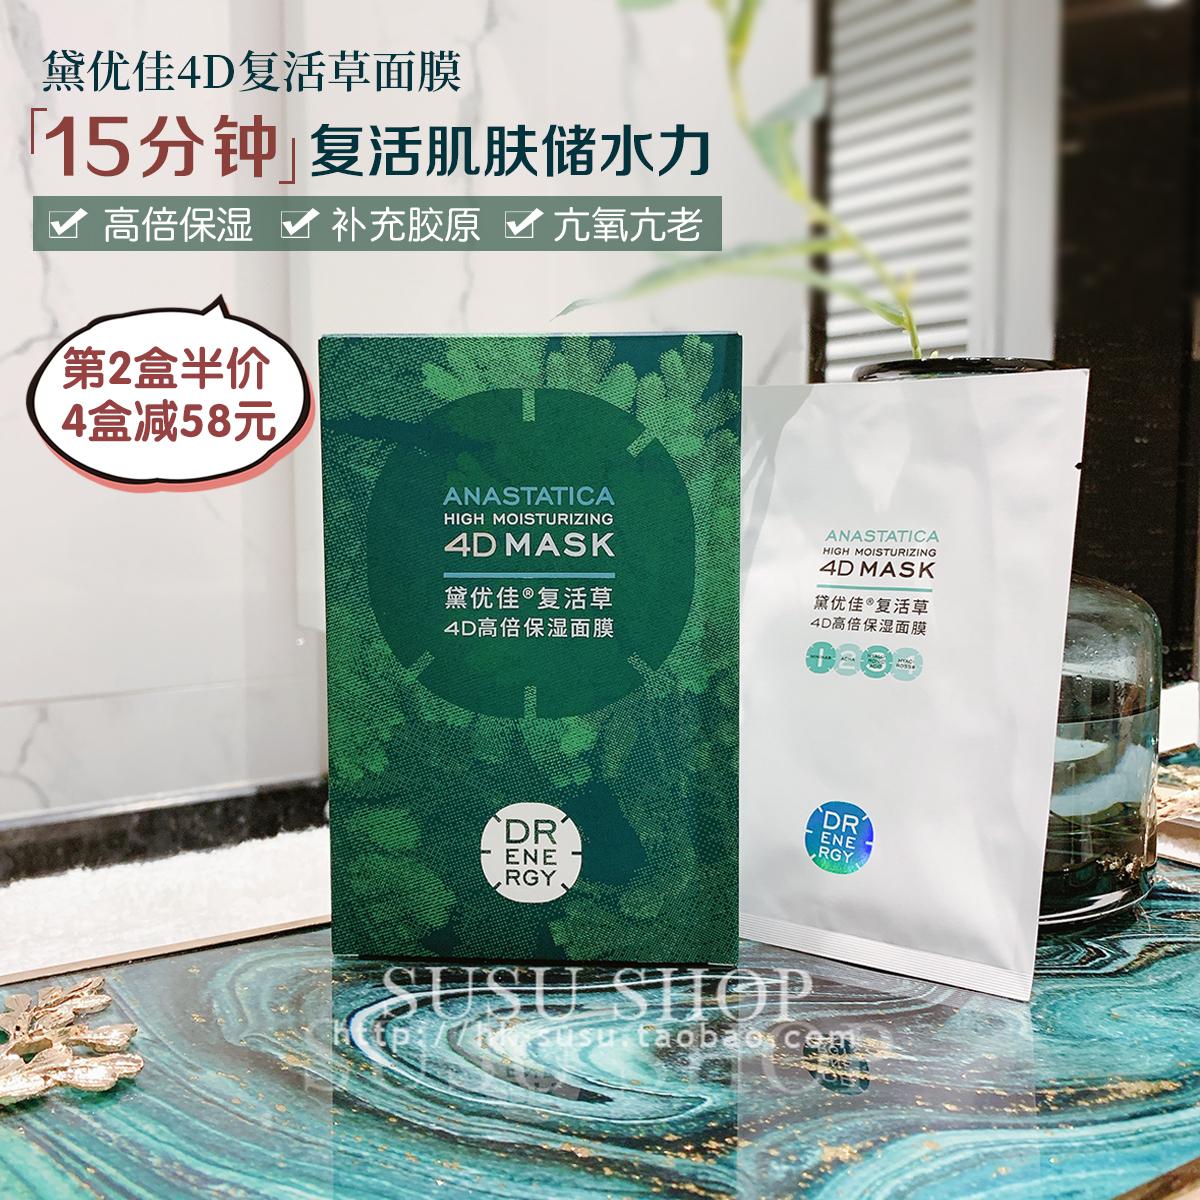 华熙出品 DR ENERGY 黛优佳复活草4D高保湿面膜深层补水玻尿酸